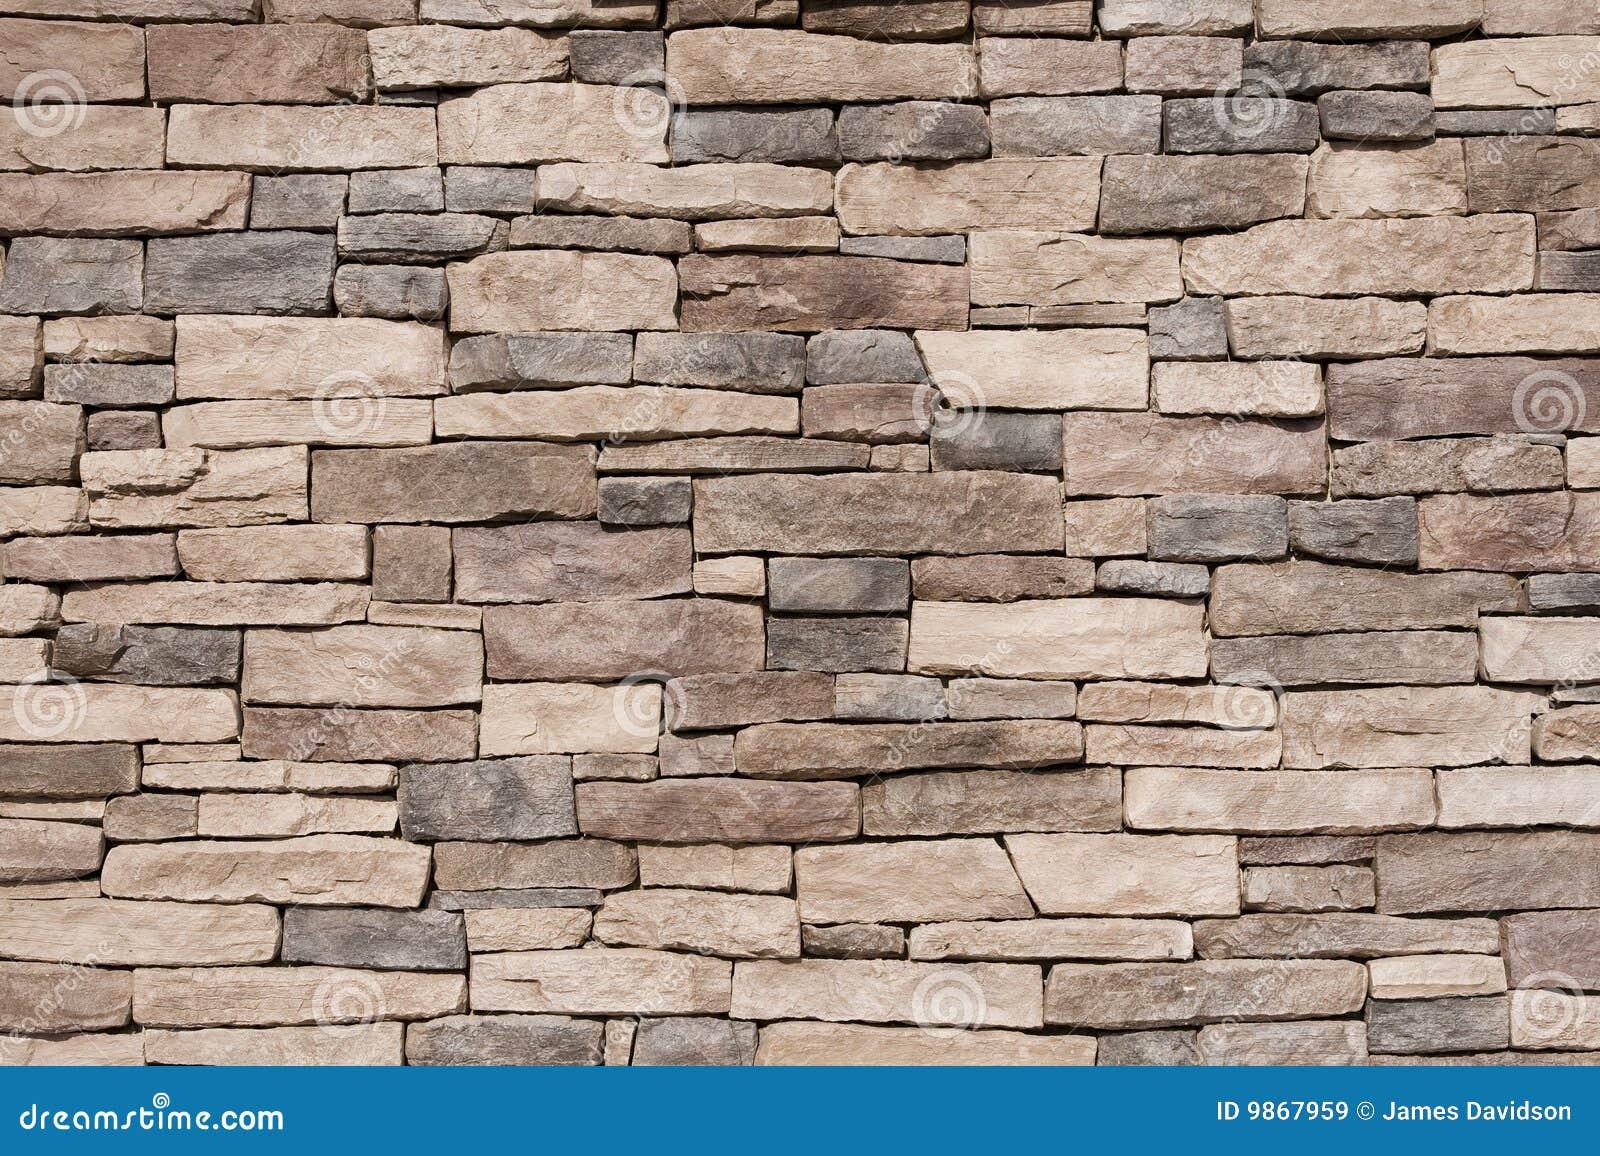 texture de mur en pierre de brown images libres de droits image 9867959. Black Bedroom Furniture Sets. Home Design Ideas